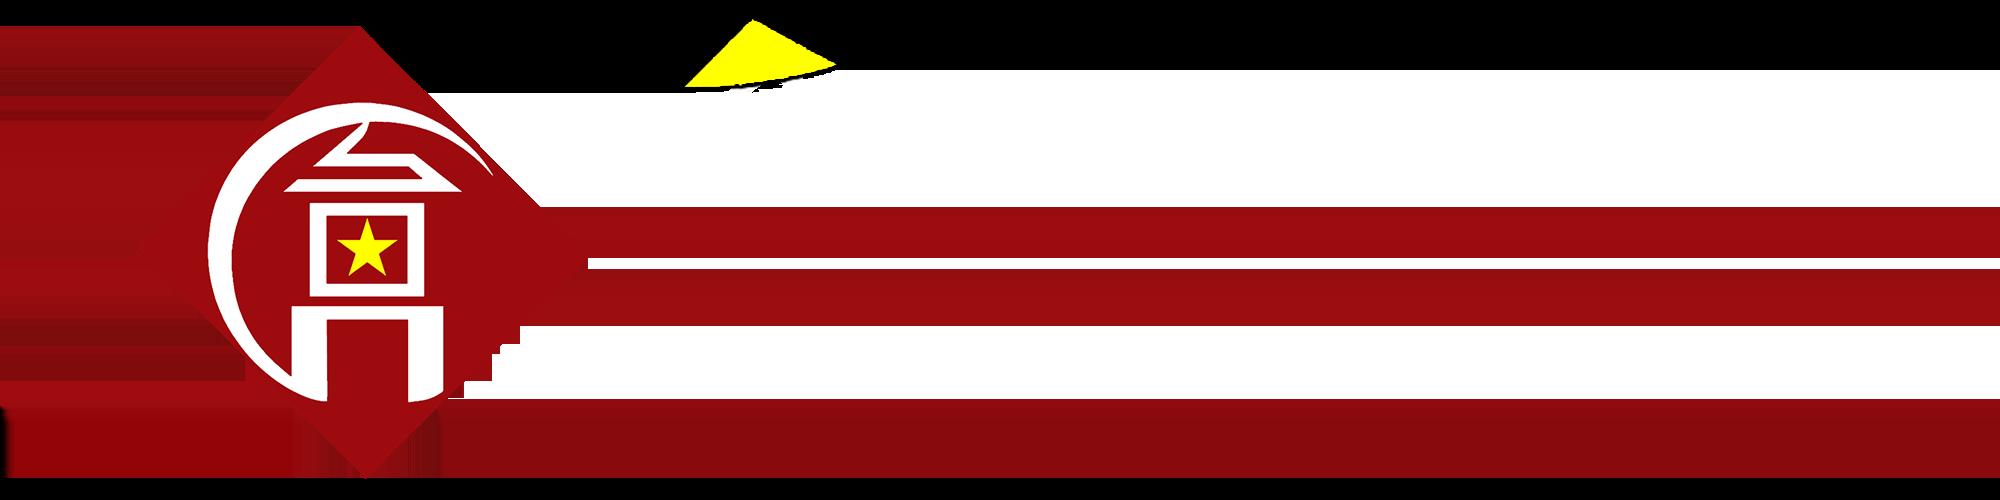 Amevietnam.com